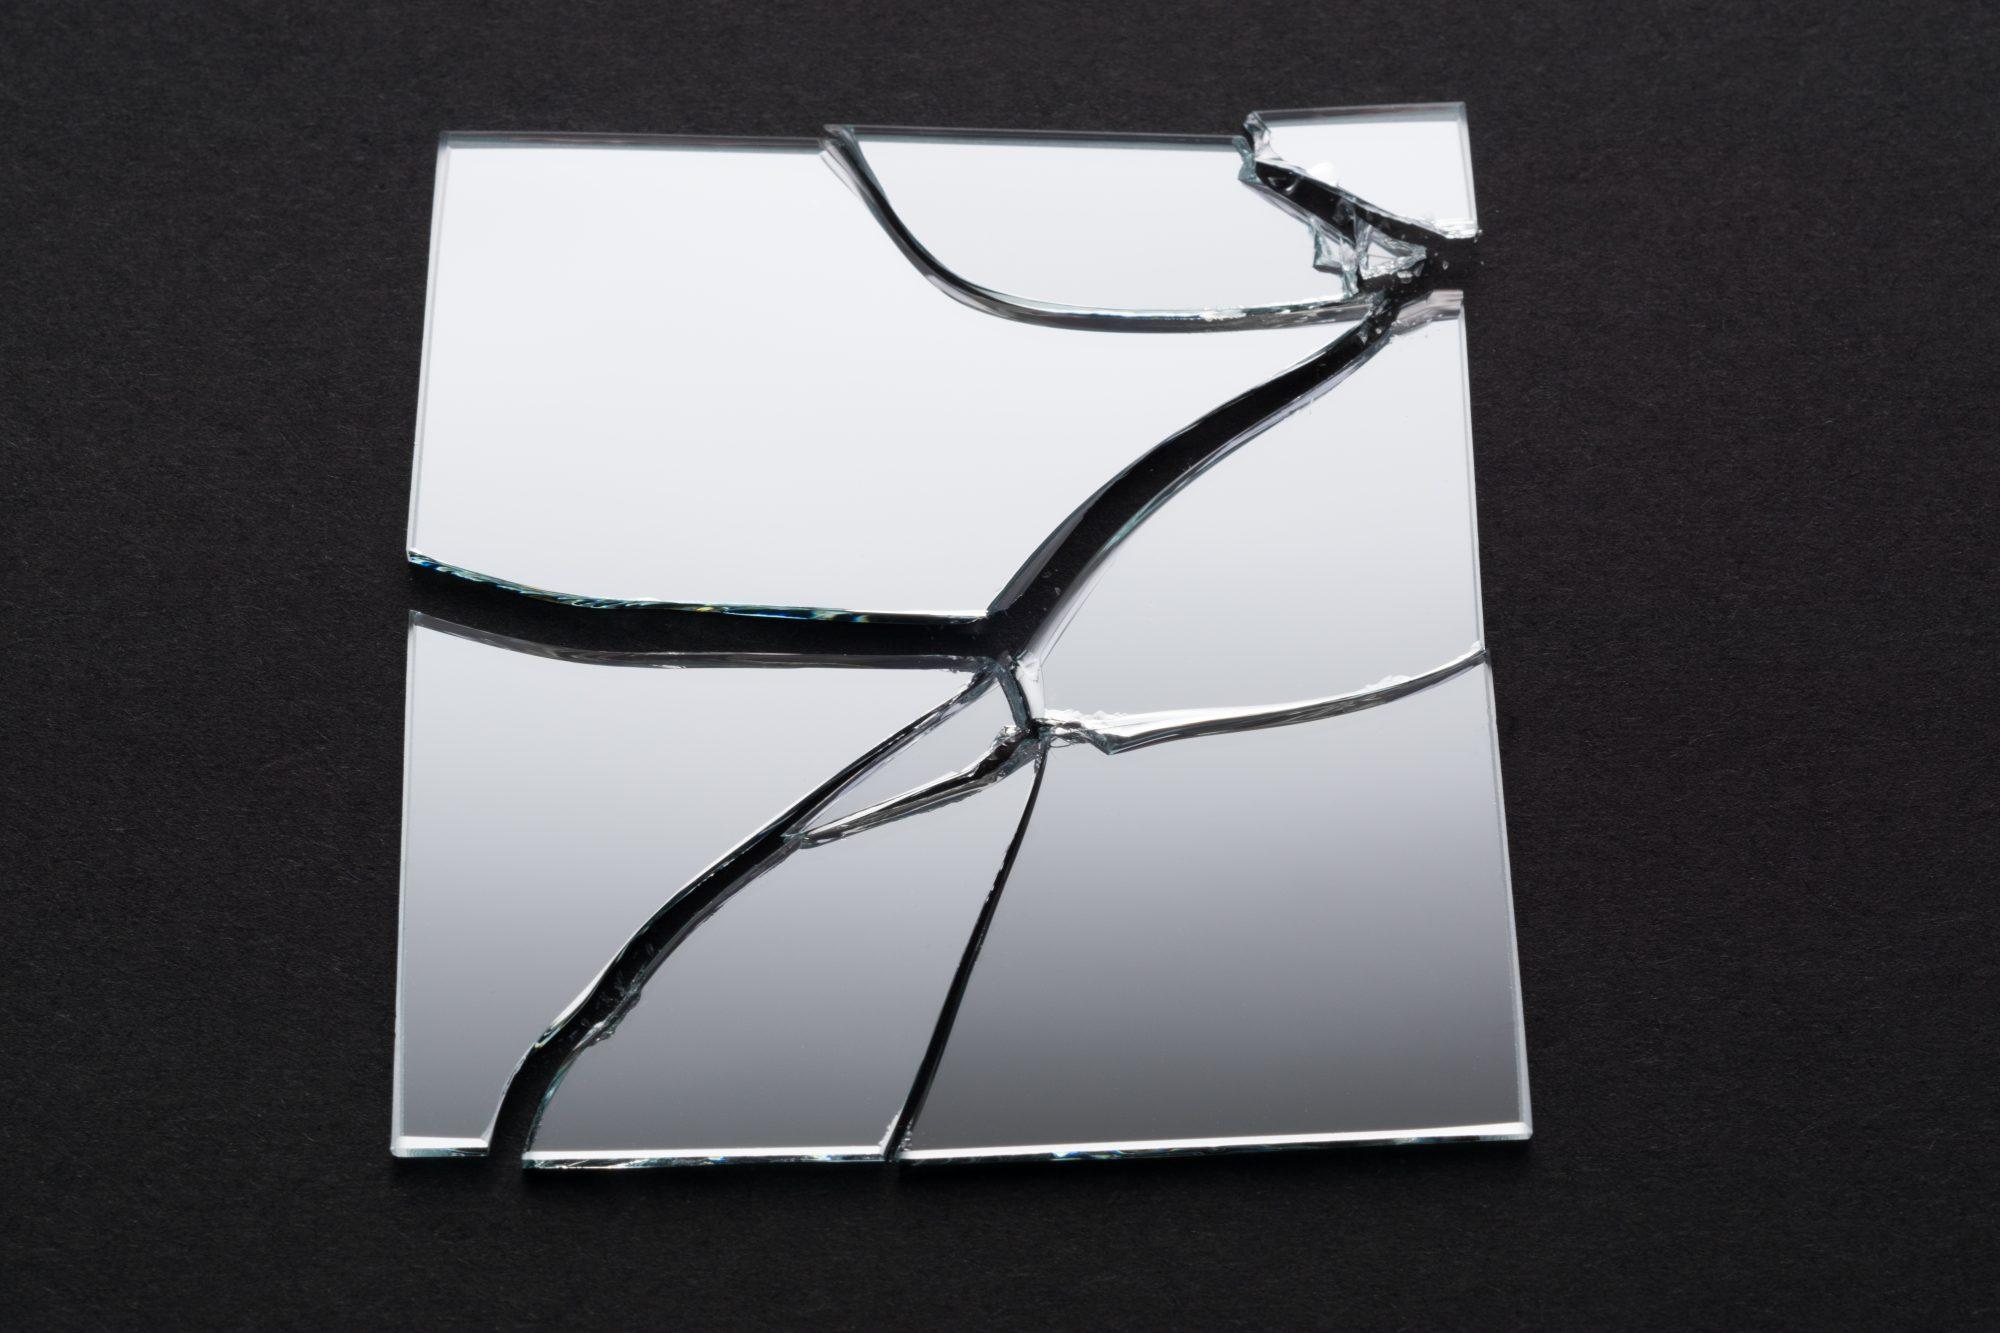 Broken Square Mirror